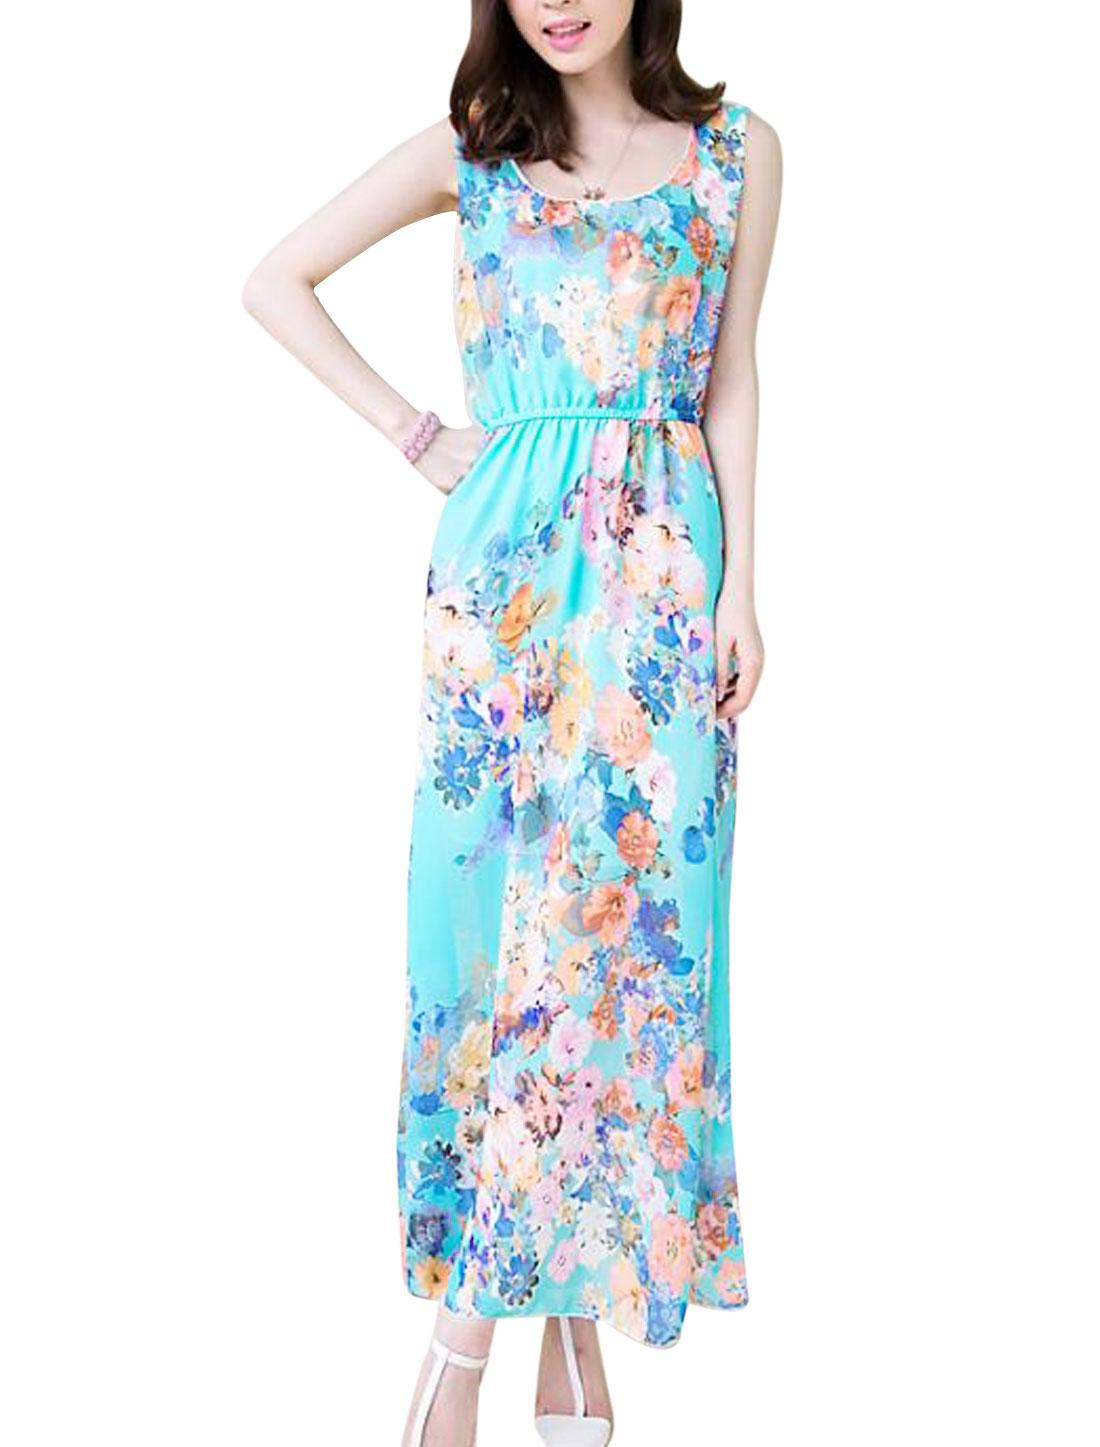 Lady Floral Prints Round Neck Sleeveless Elastic Waist Blouson Dress Navy Blue XS